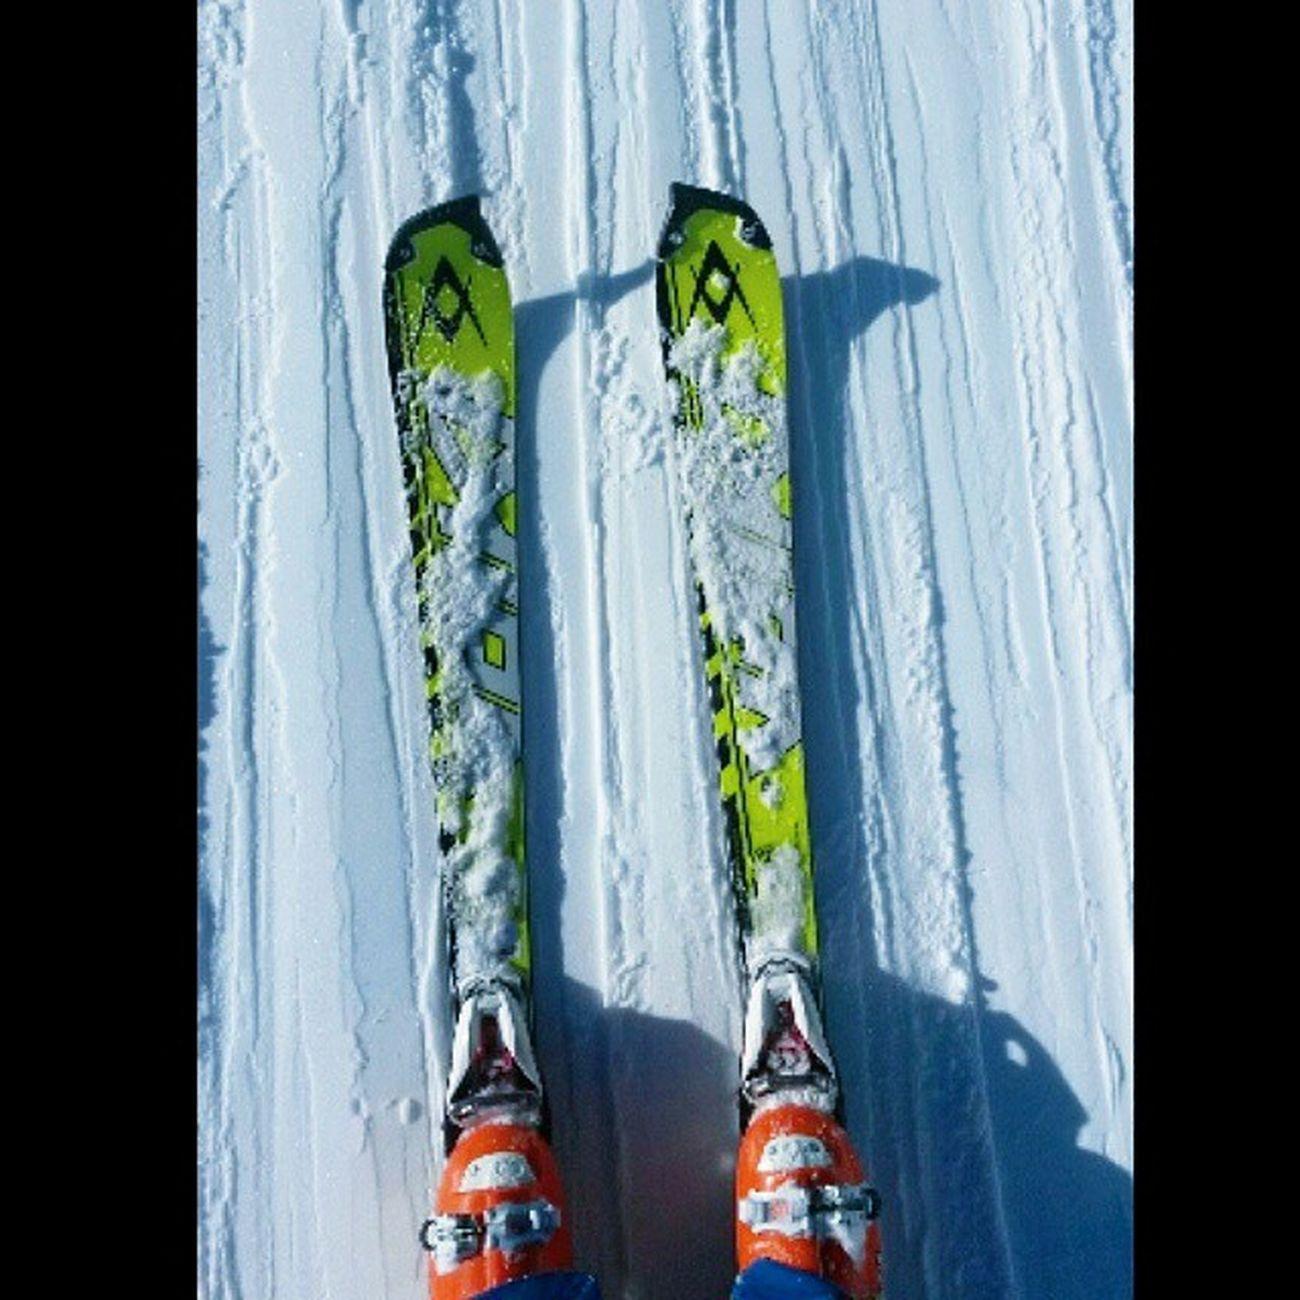 Throwback Pitztal Toponsnow Powdern Volkl Ski Pitztaler Gletscher Skiing Slalom